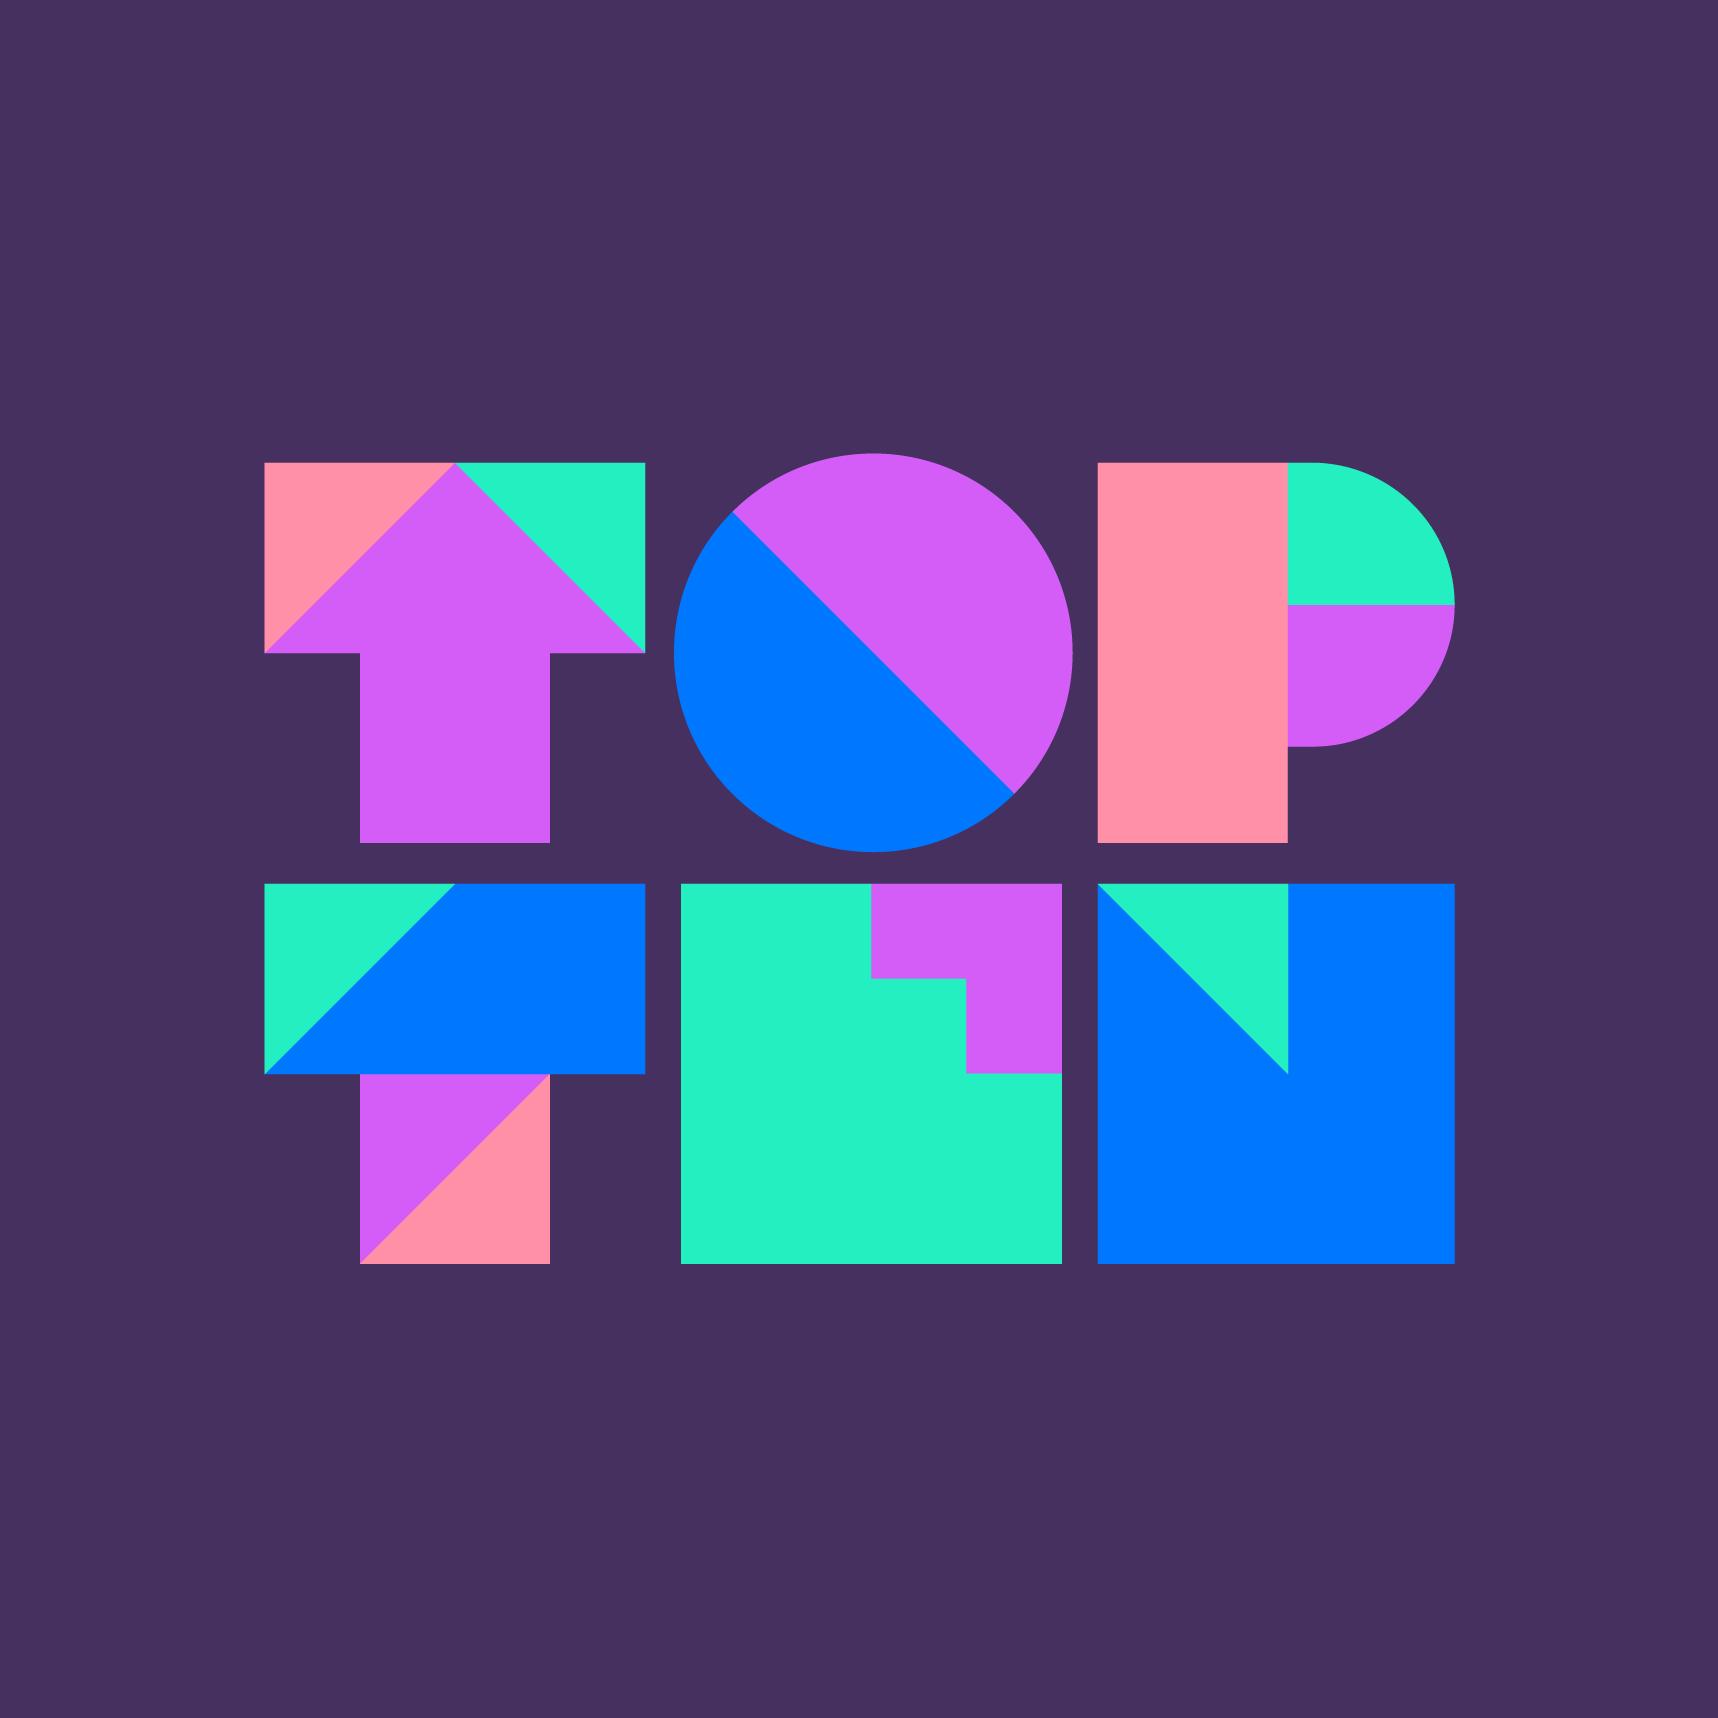 Teen Nick / Top Ten